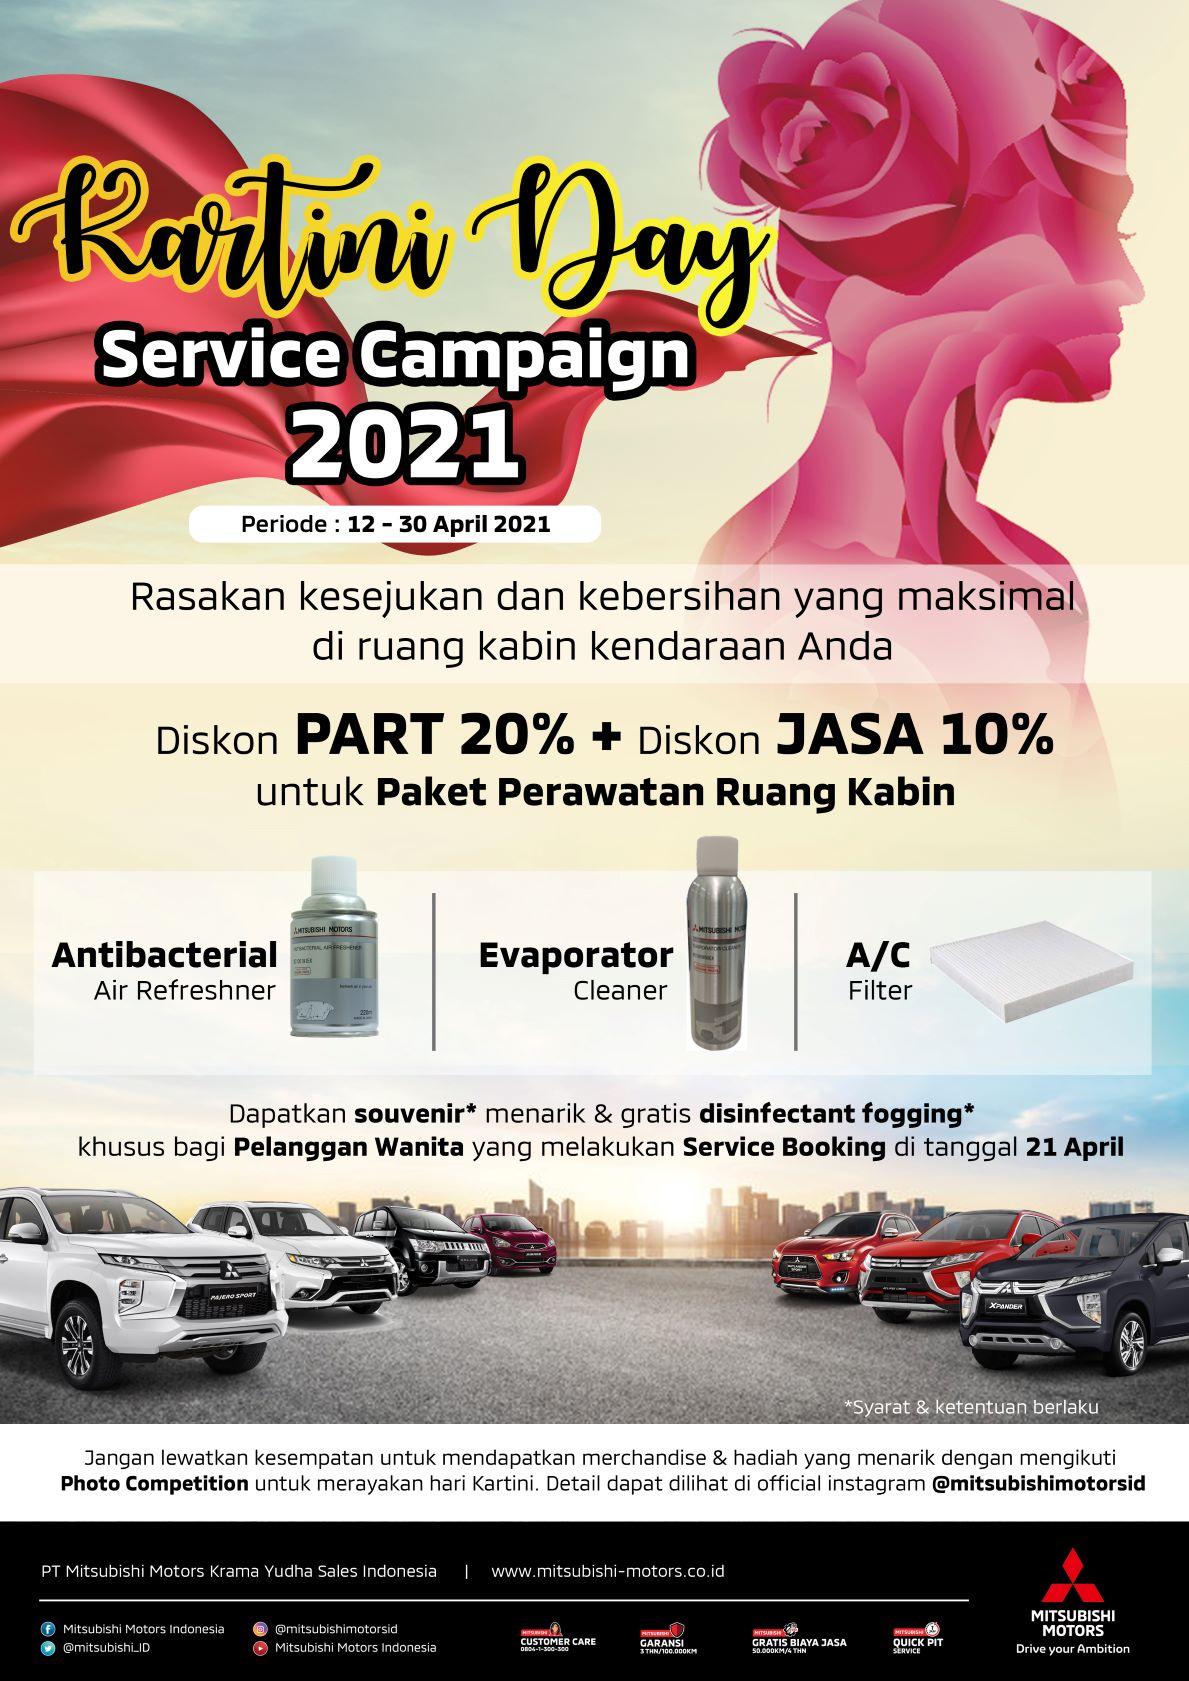 """Sambut Hari Emansipasi Wanita di Indonesia, MMKSI Hadirkan """"Kartini Campaign"""""""